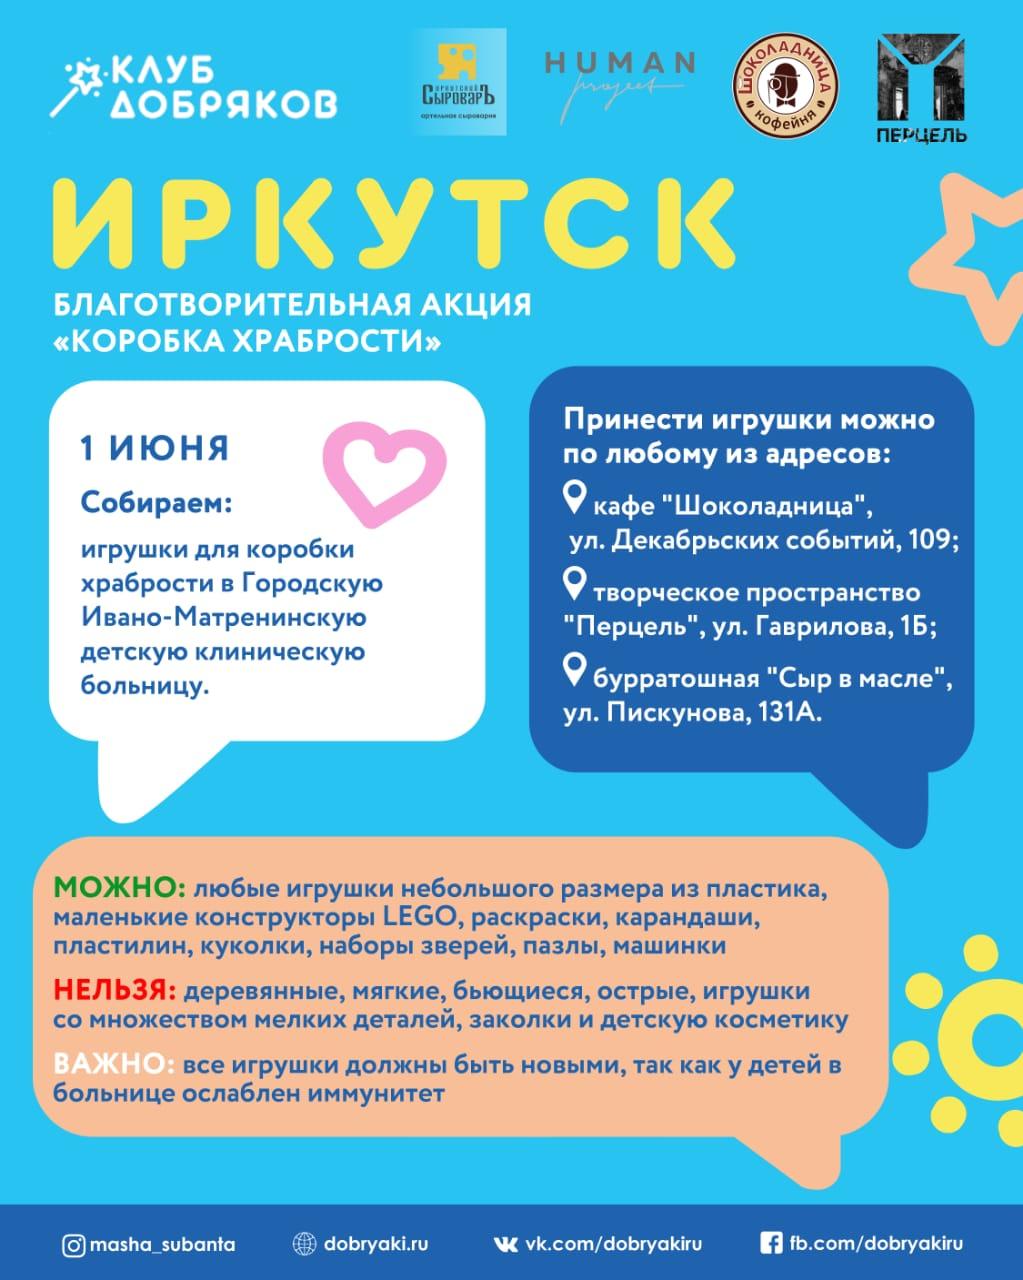 """Акция """"Коробка храбрости"""" в Иркутске ко Дню защиты детей"""